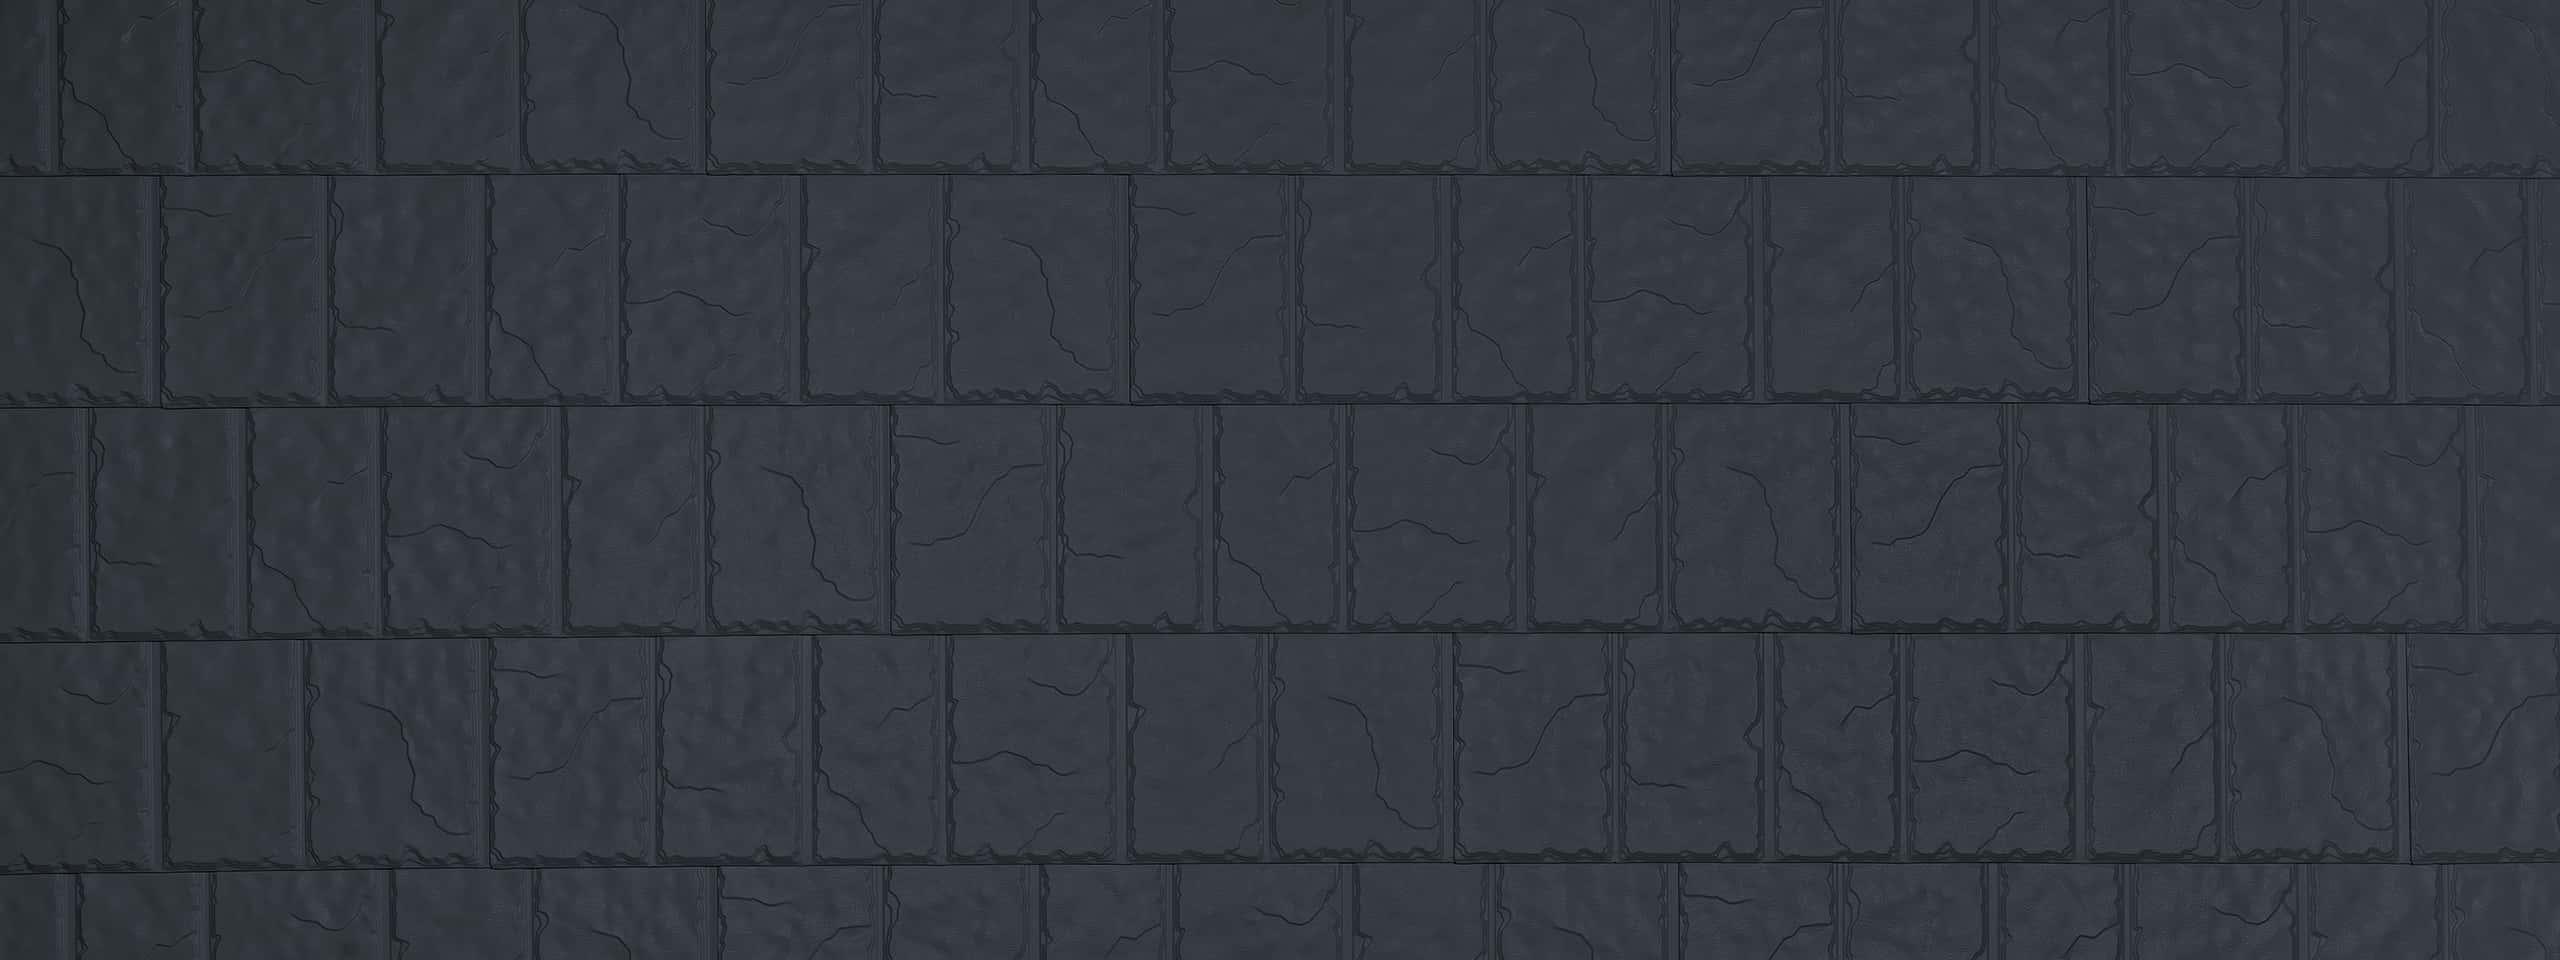 EDCO Arrowline® Slate Stone Swatch